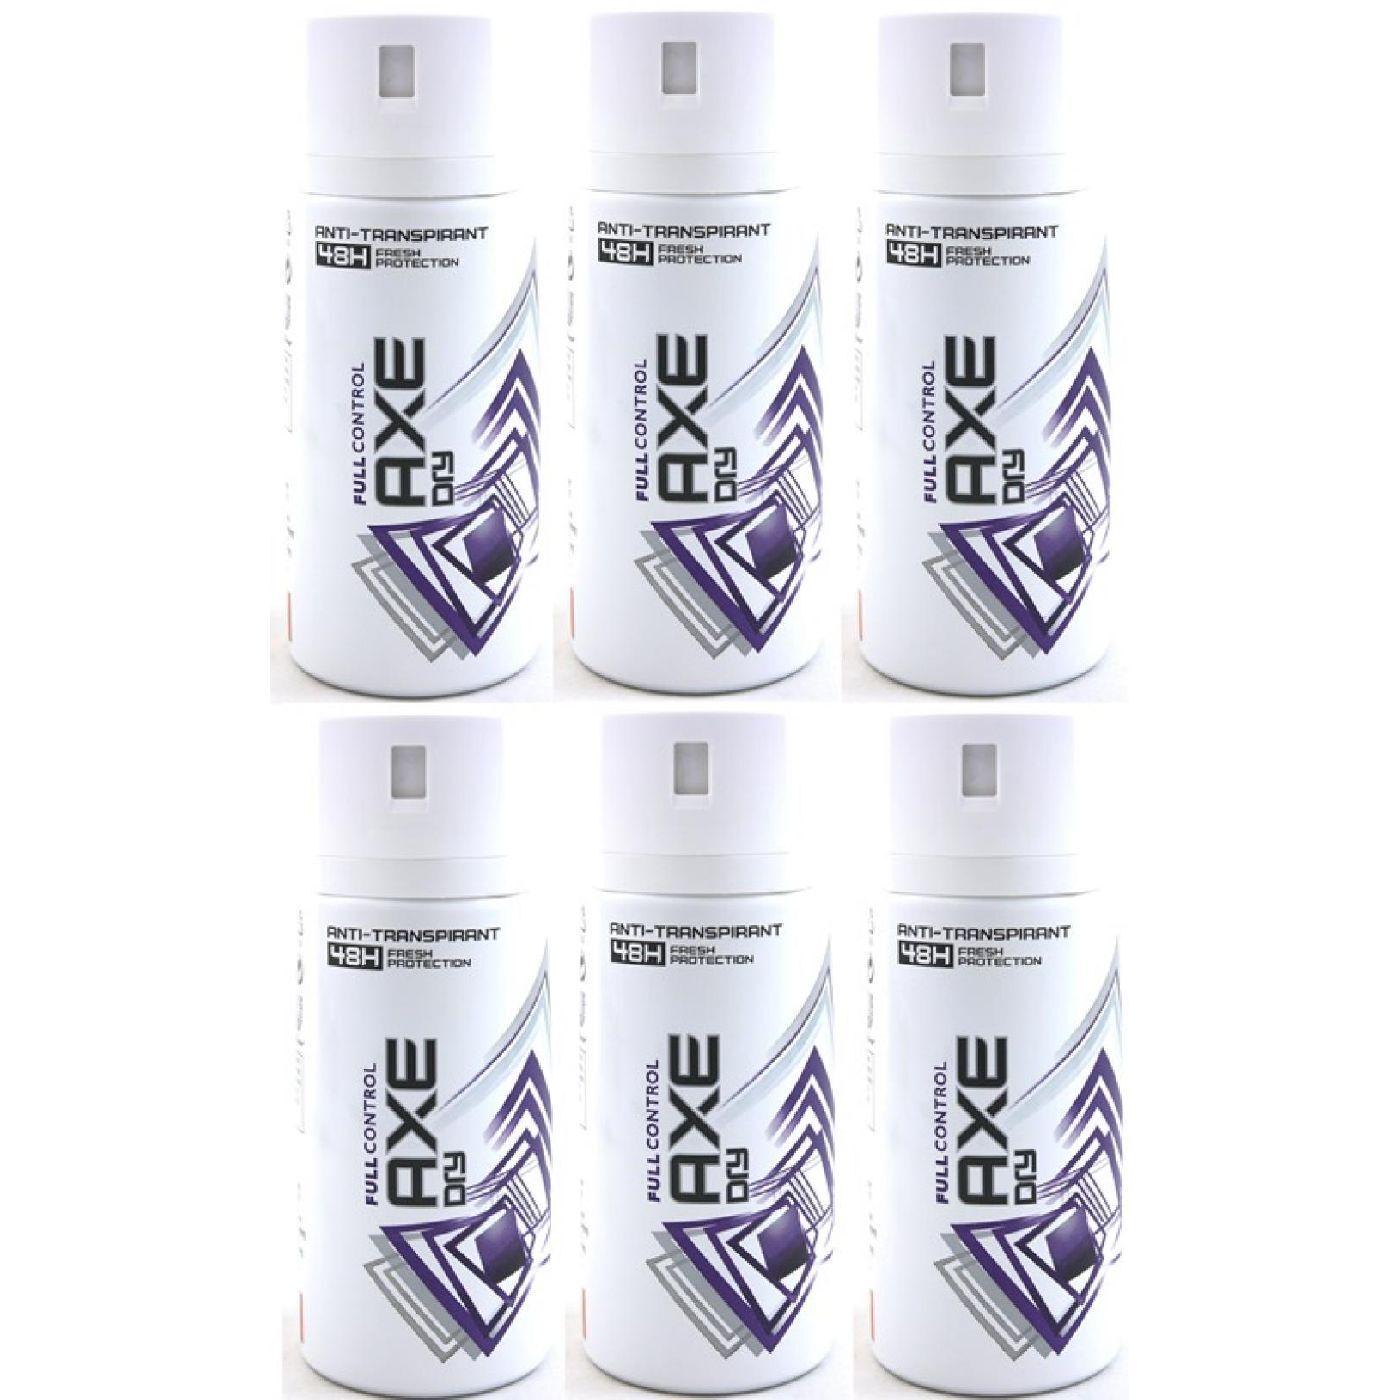 Axe Deo 6 x 150 ml diverse Sorten Deodorant Deospray - verschiedene Sorten Full Control Dry